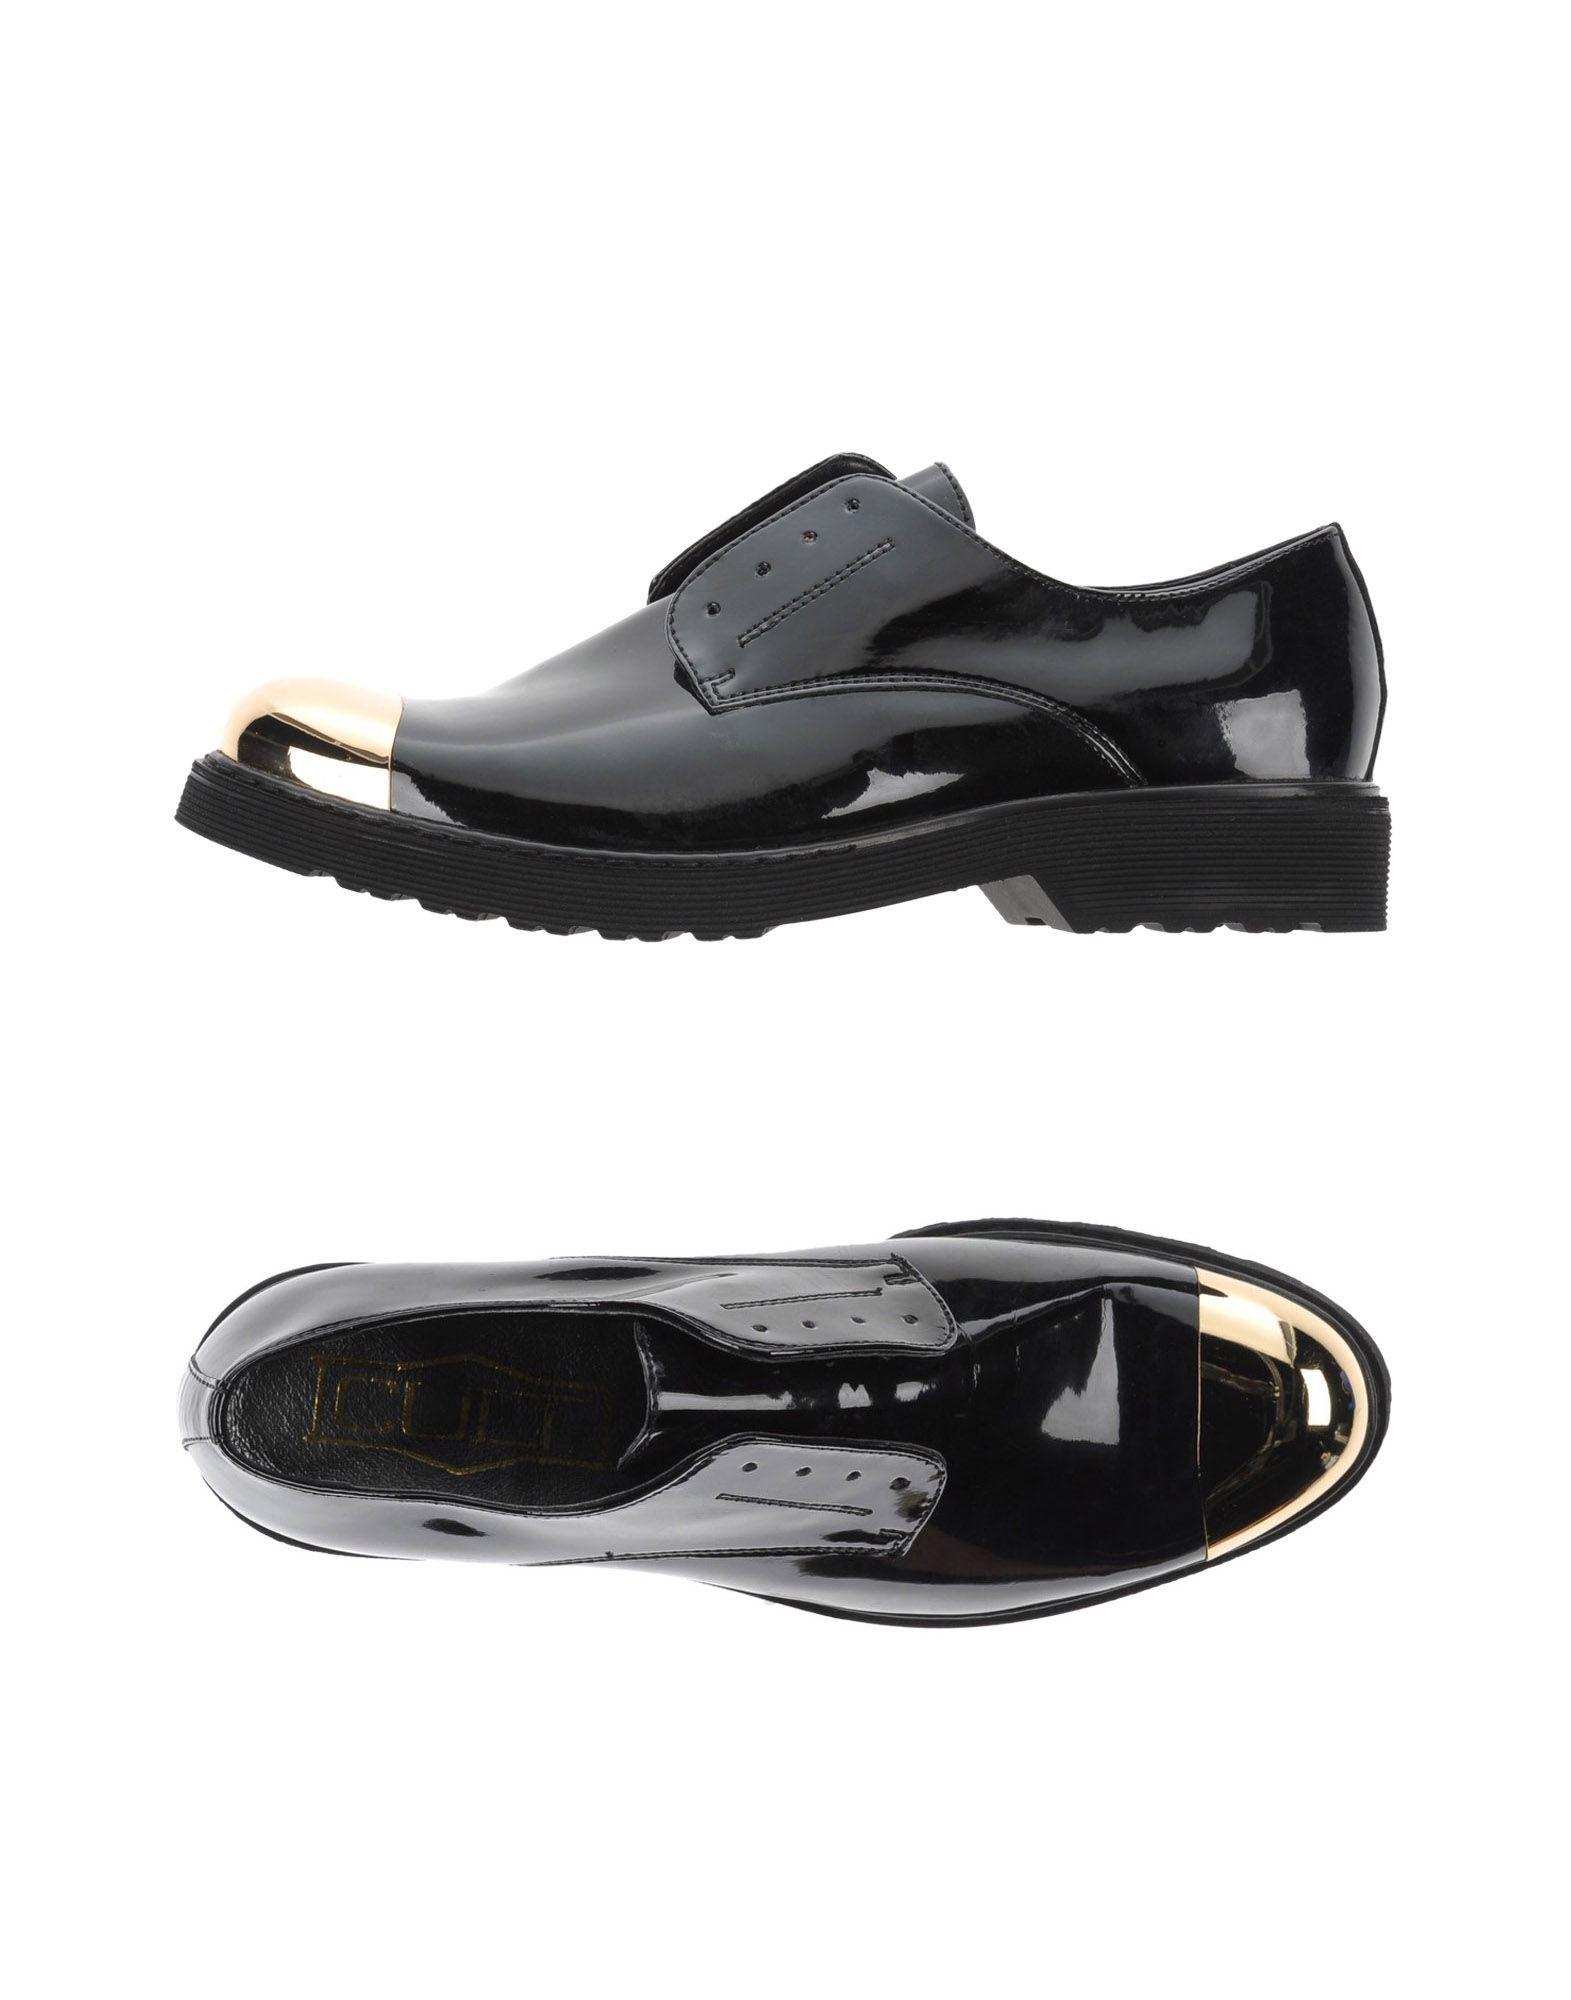 Cult Schnürschuhe Damen  11089295EC Gute Qualität beliebte Schuhe